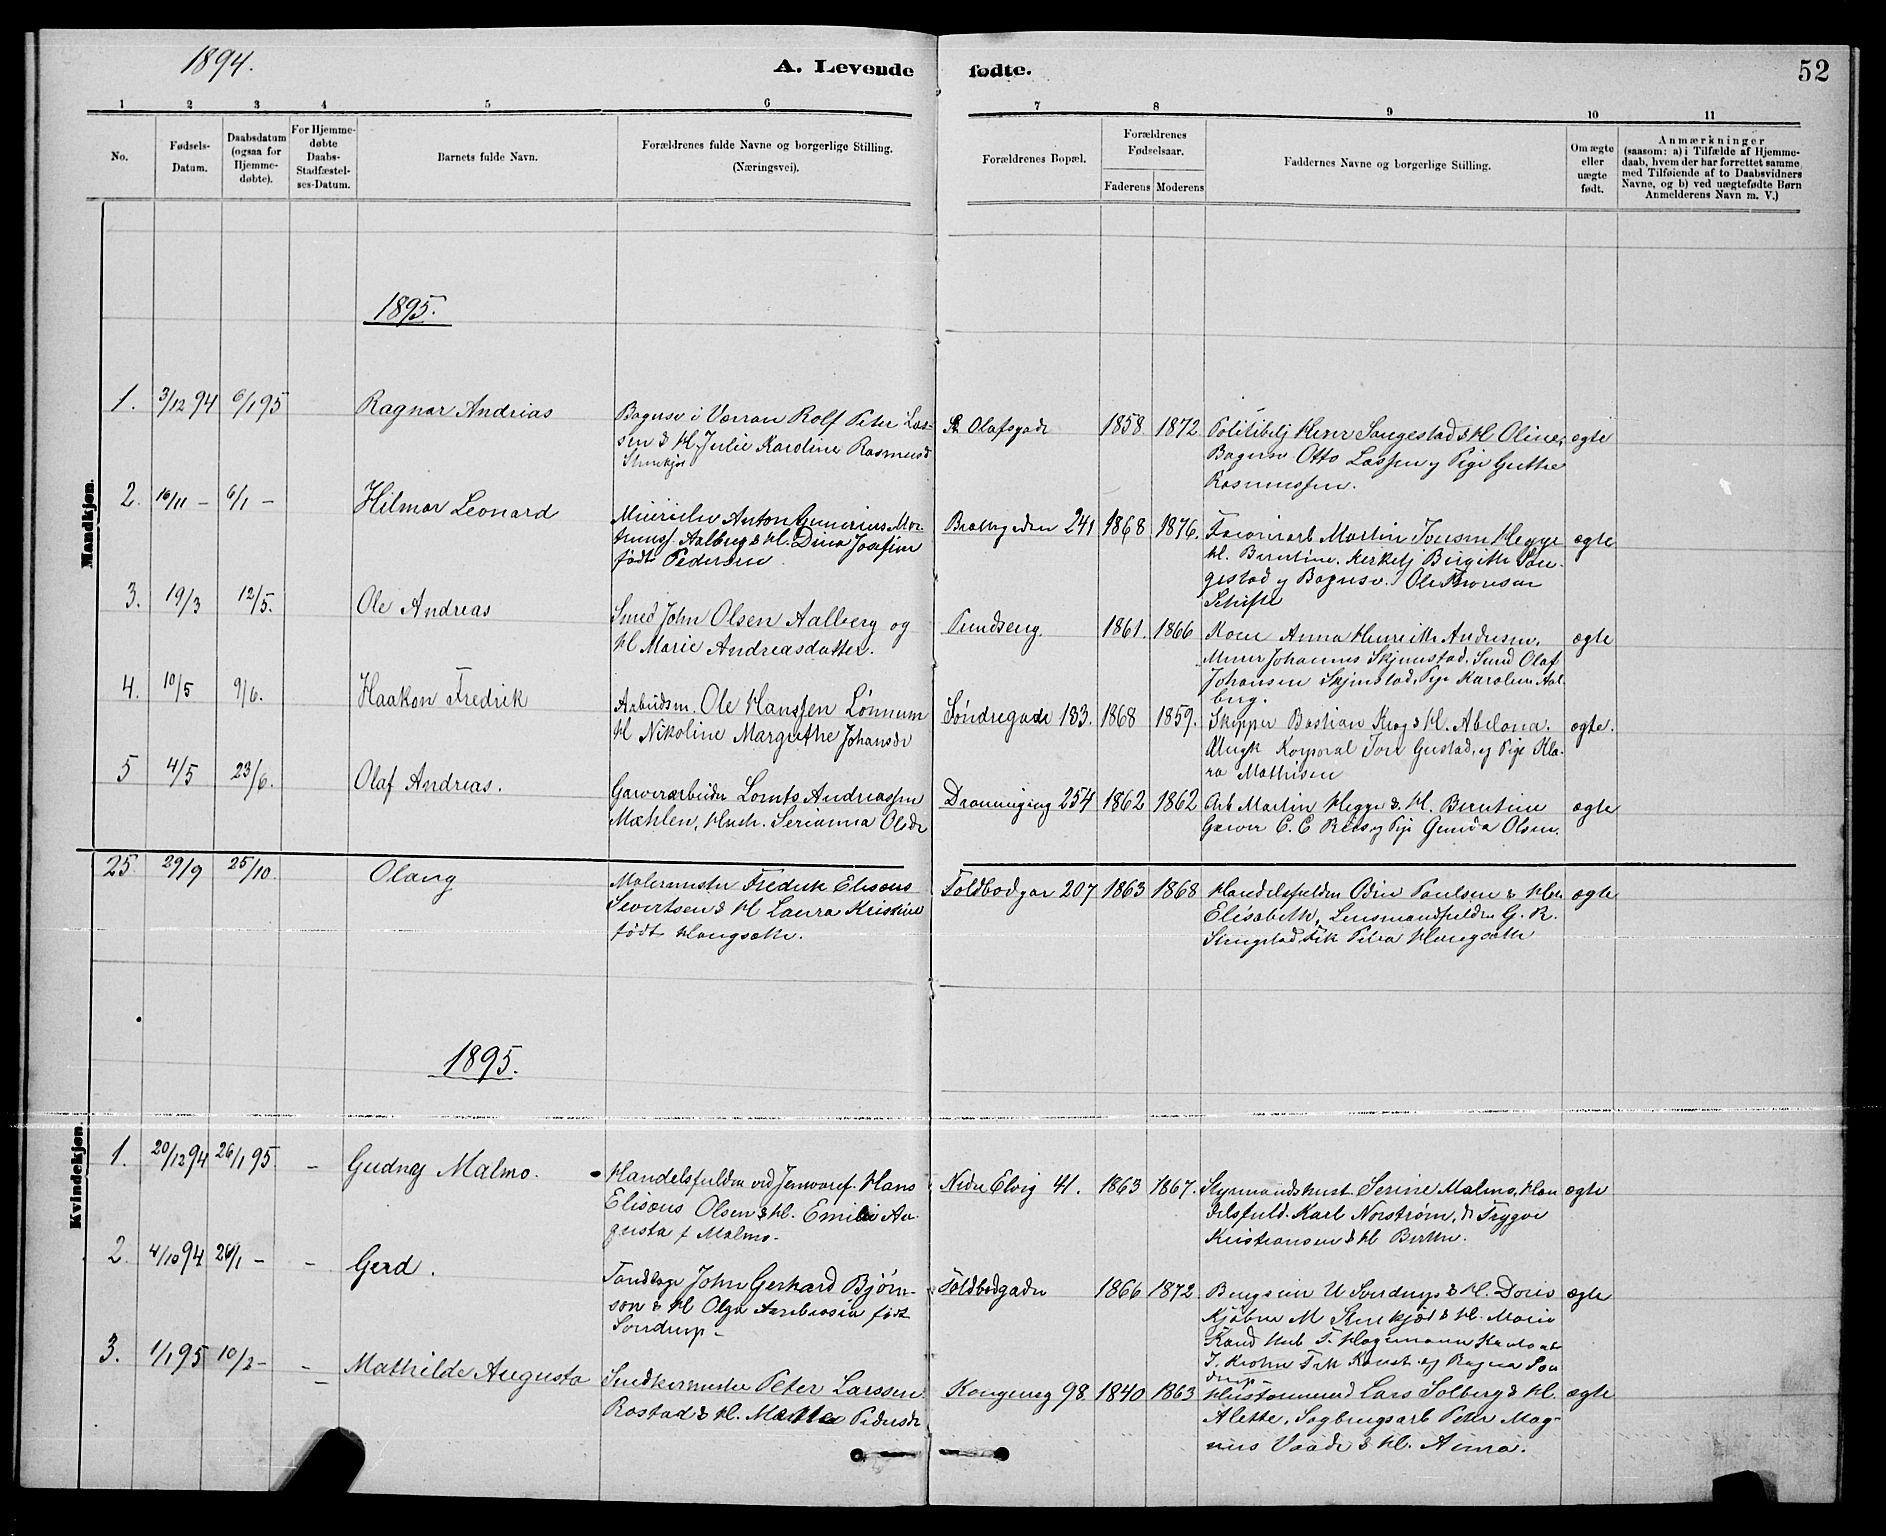 SAT, Ministerialprotokoller, klokkerbøker og fødselsregistre - Nord-Trøndelag, 739/L0374: Klokkerbok nr. 739C02, 1883-1898, s. 52